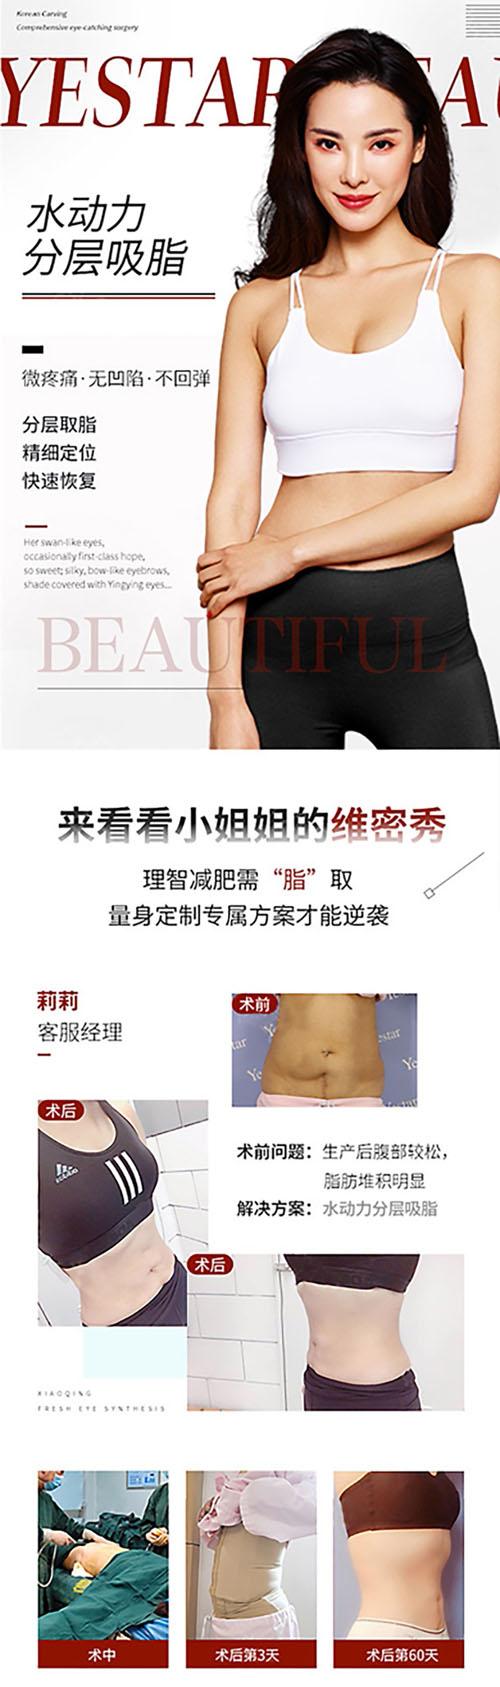 台州艺星吸脂瘦大腿 精雕美塑吸脂 创伤小恢复快 拒绝术后松弛